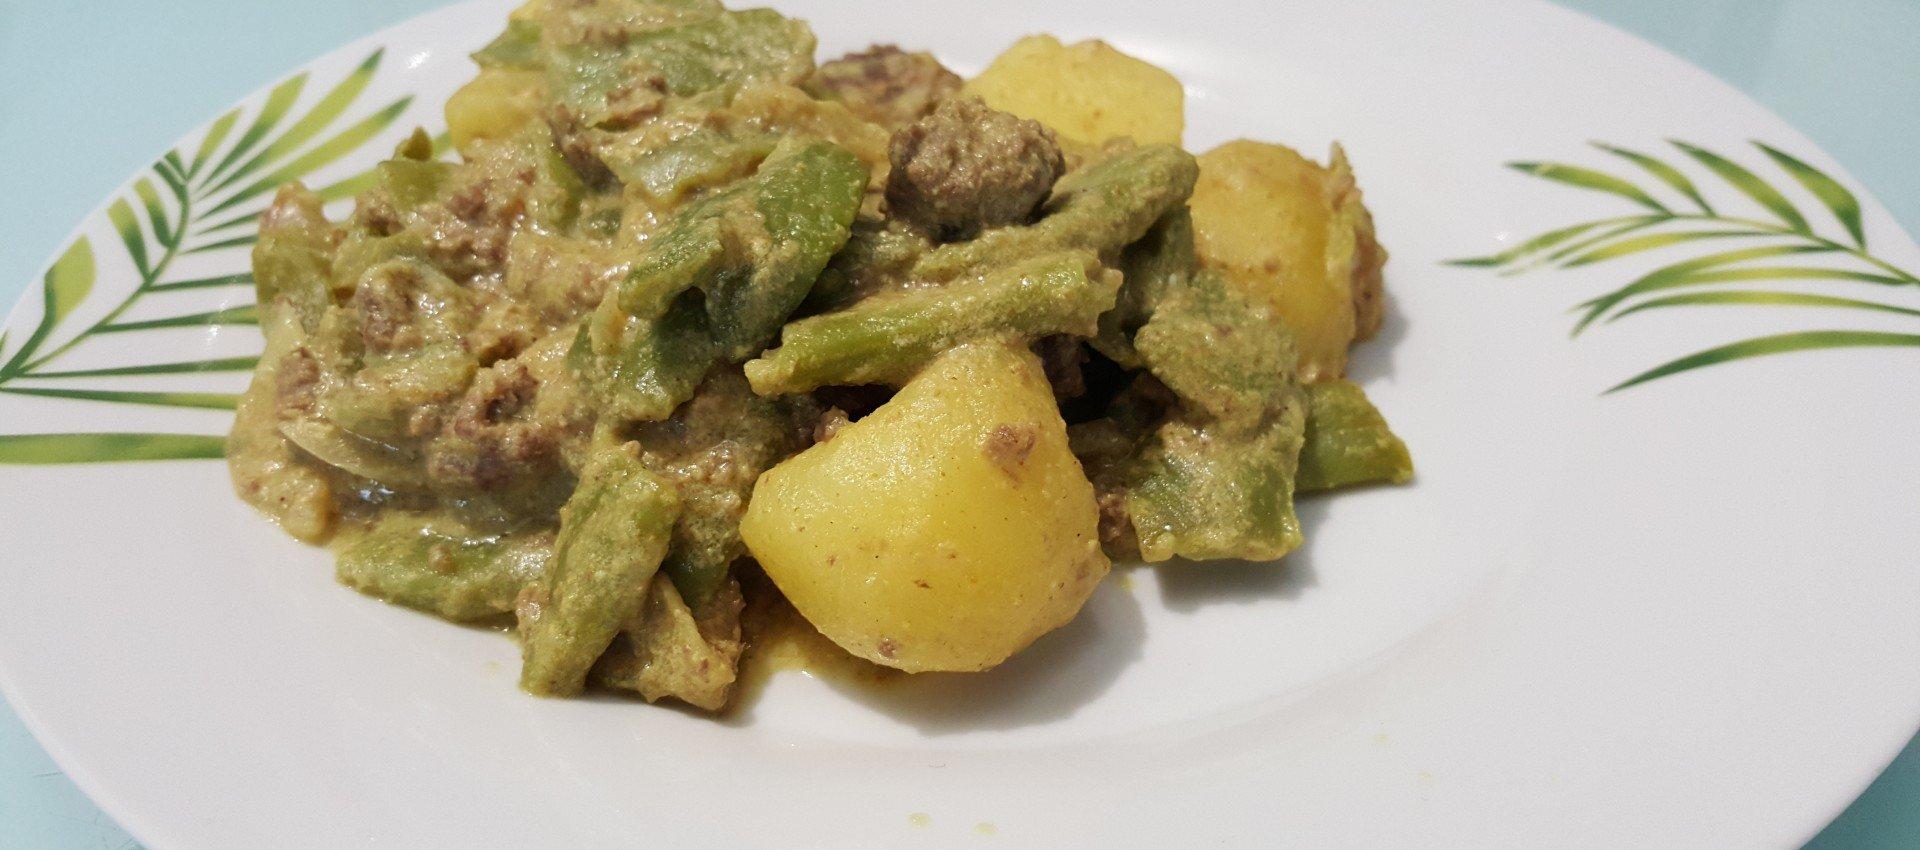 Steaks hachés, pommes de terre et haricots verts au cookeo